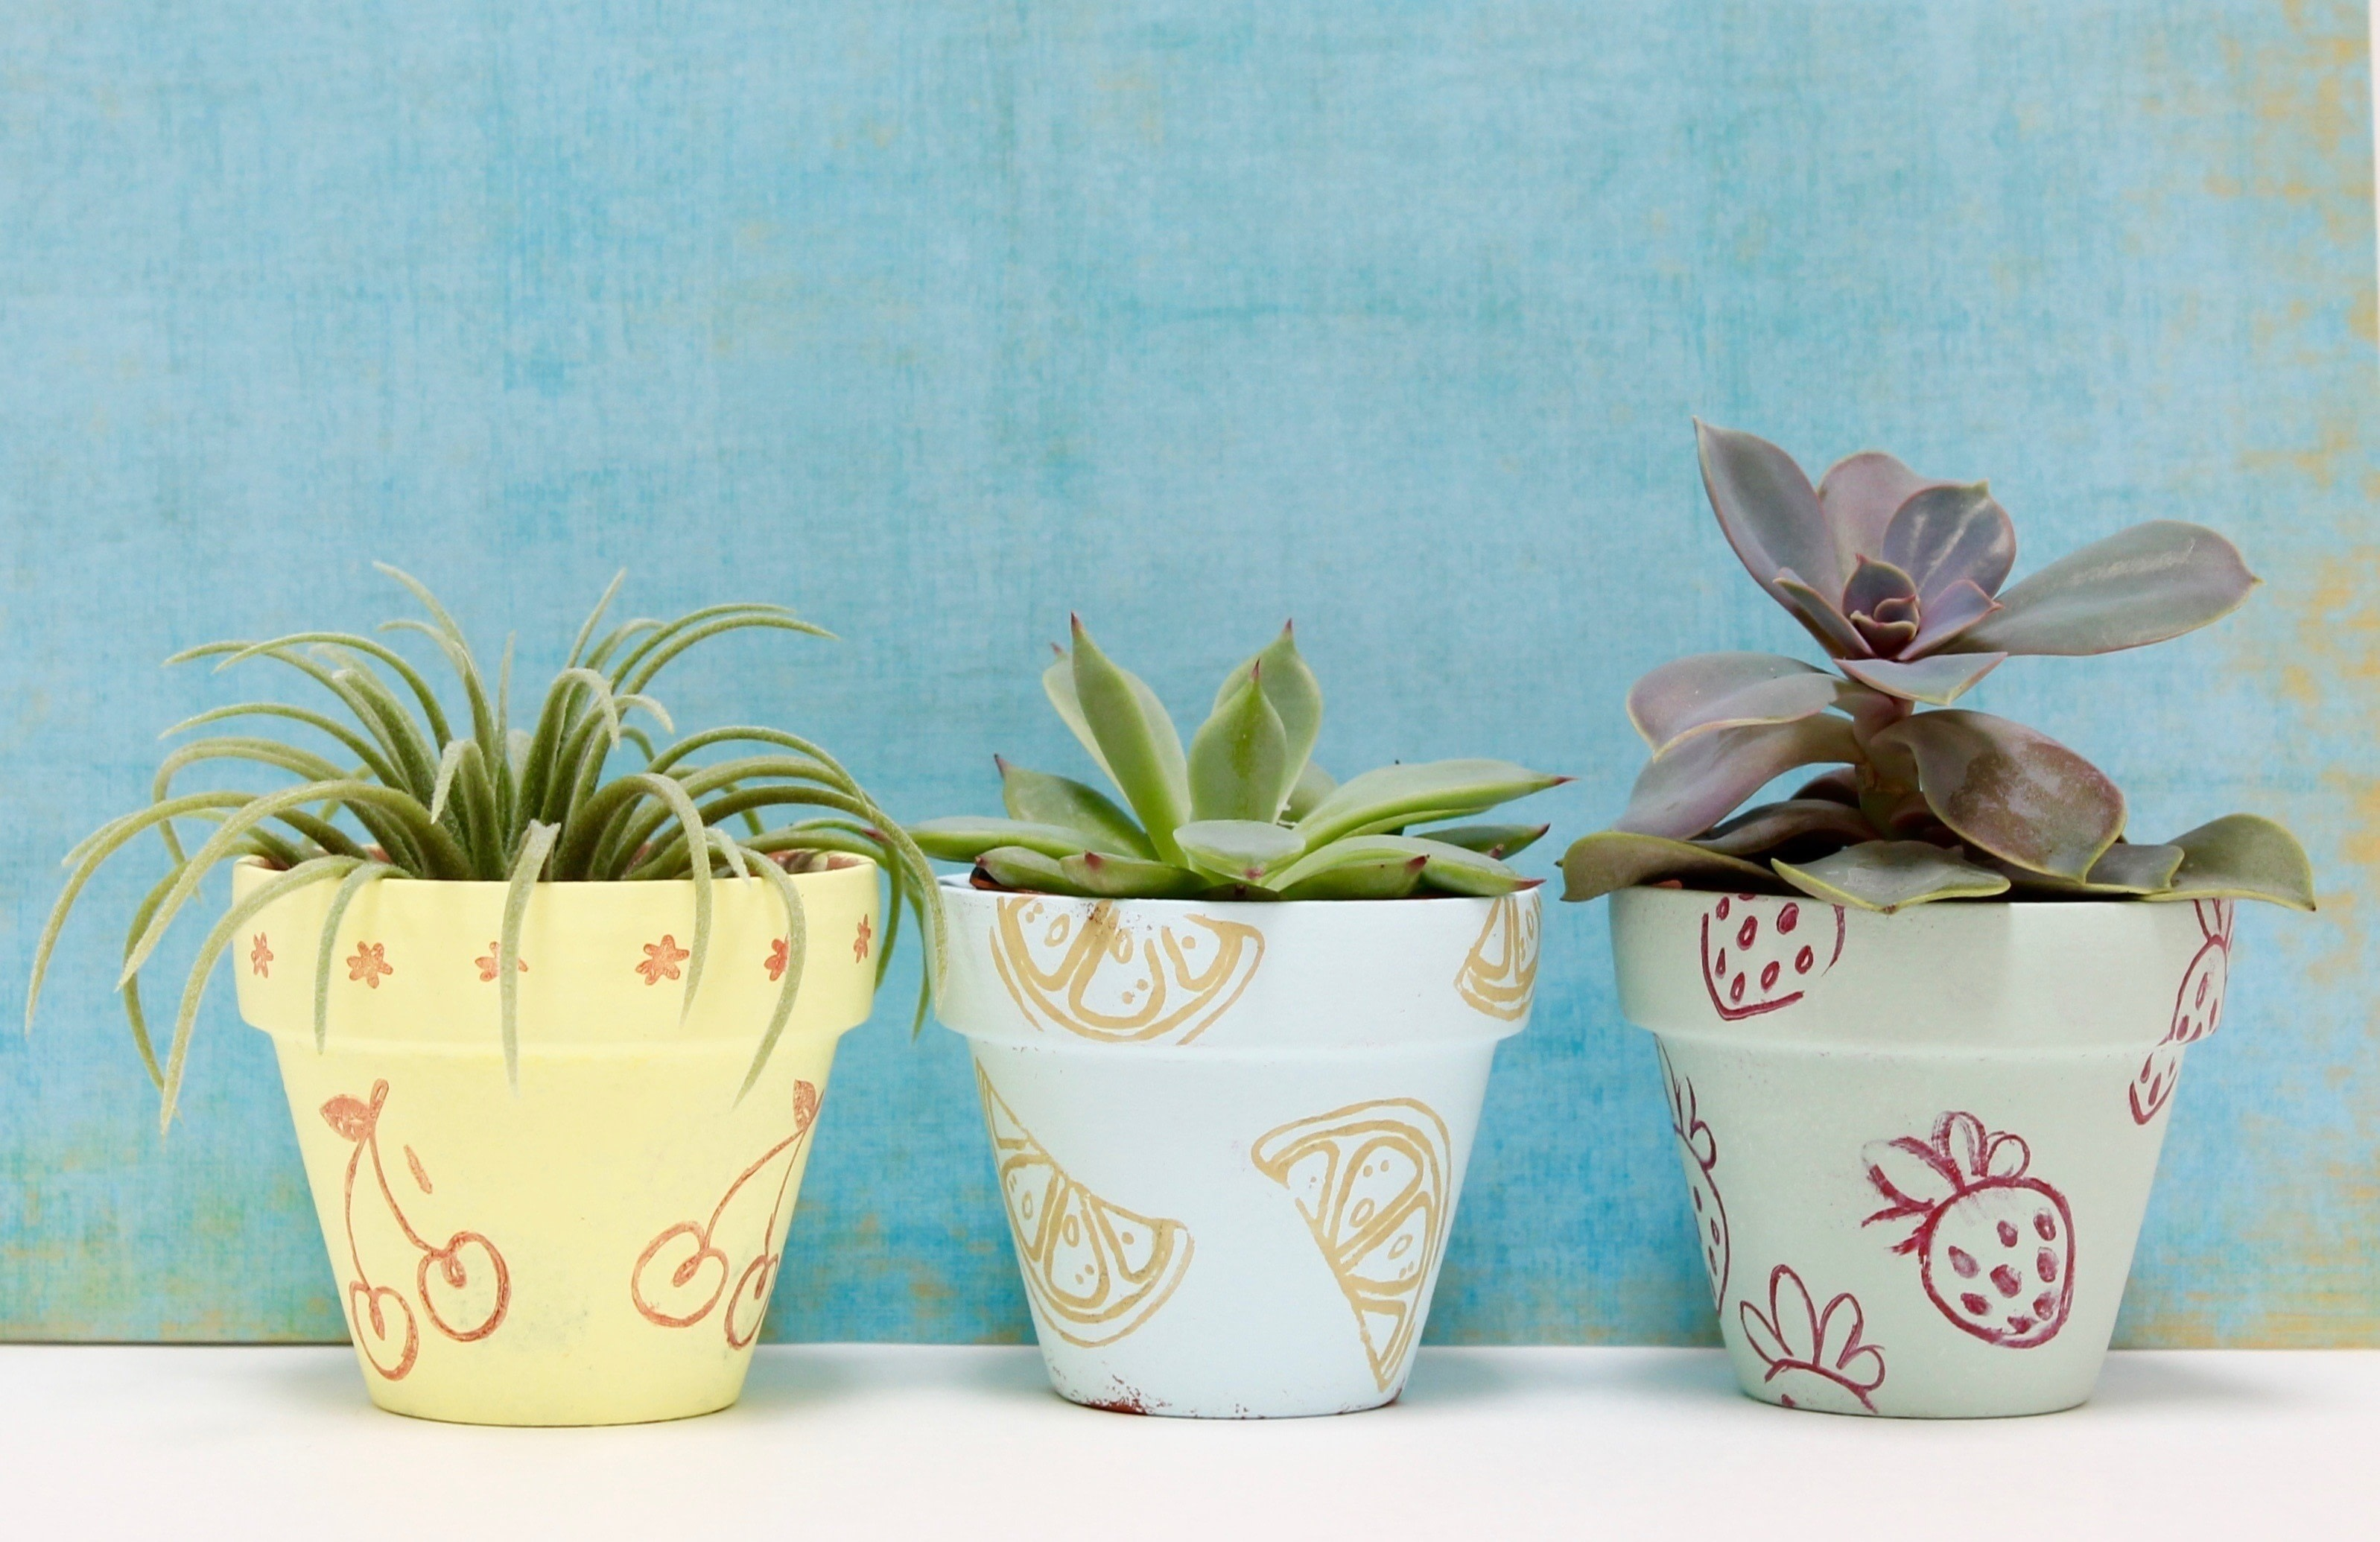 Garden Art Painting Flower Pots